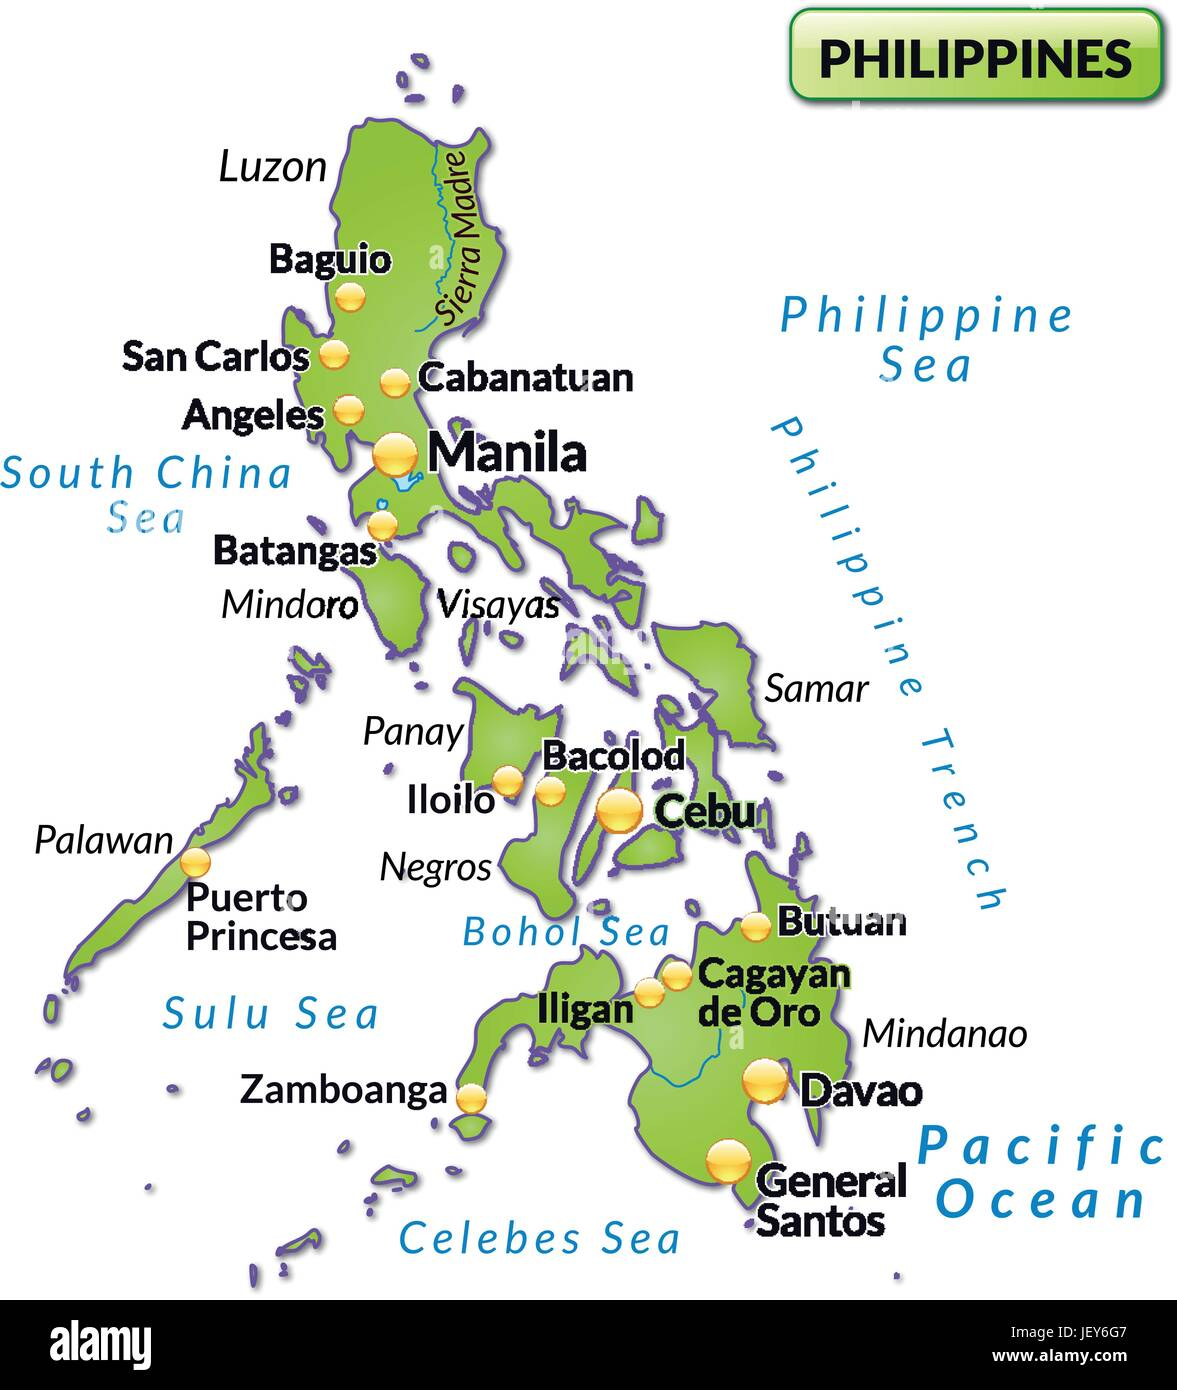 Cartina Geografica Isole Filippine.Mappa Dell Isola Delle Filippine Come Una Mappa Panoramica In Verde Immagine E Vettoriale Alamy